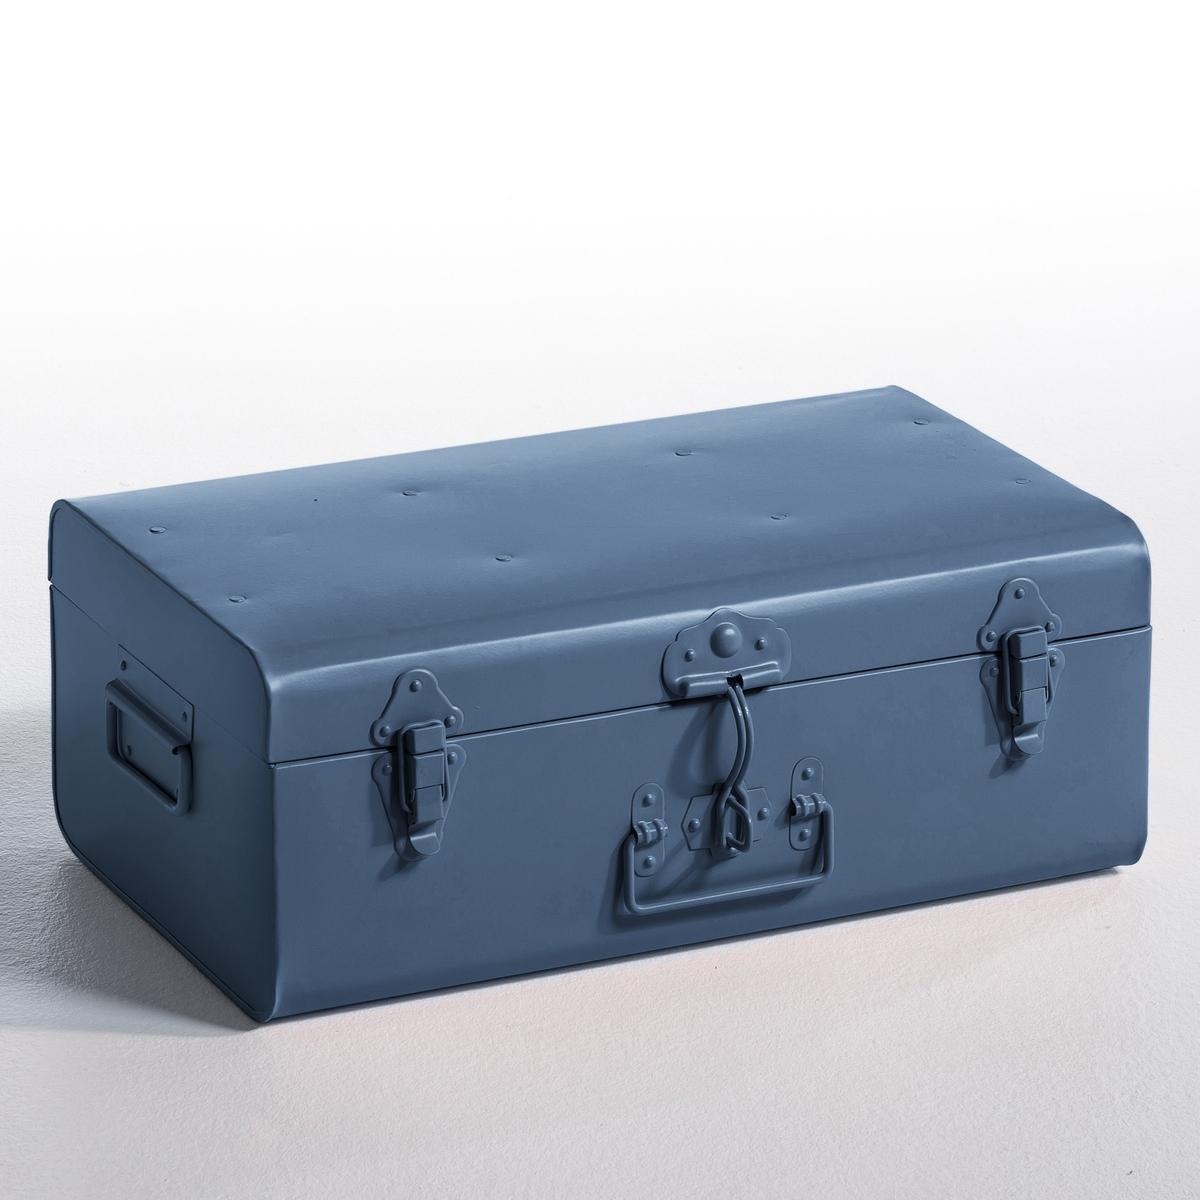 Сундук металлический DeniseИз оцинкованного металла. 2 ручки по бокам, 1 спереди.                           Закрывается на 3 защёлки спереди. Размер. : Ш. 47x В. 19 x Г. 27 см.<br><br>Цвет: леопардовый рисунок,синий